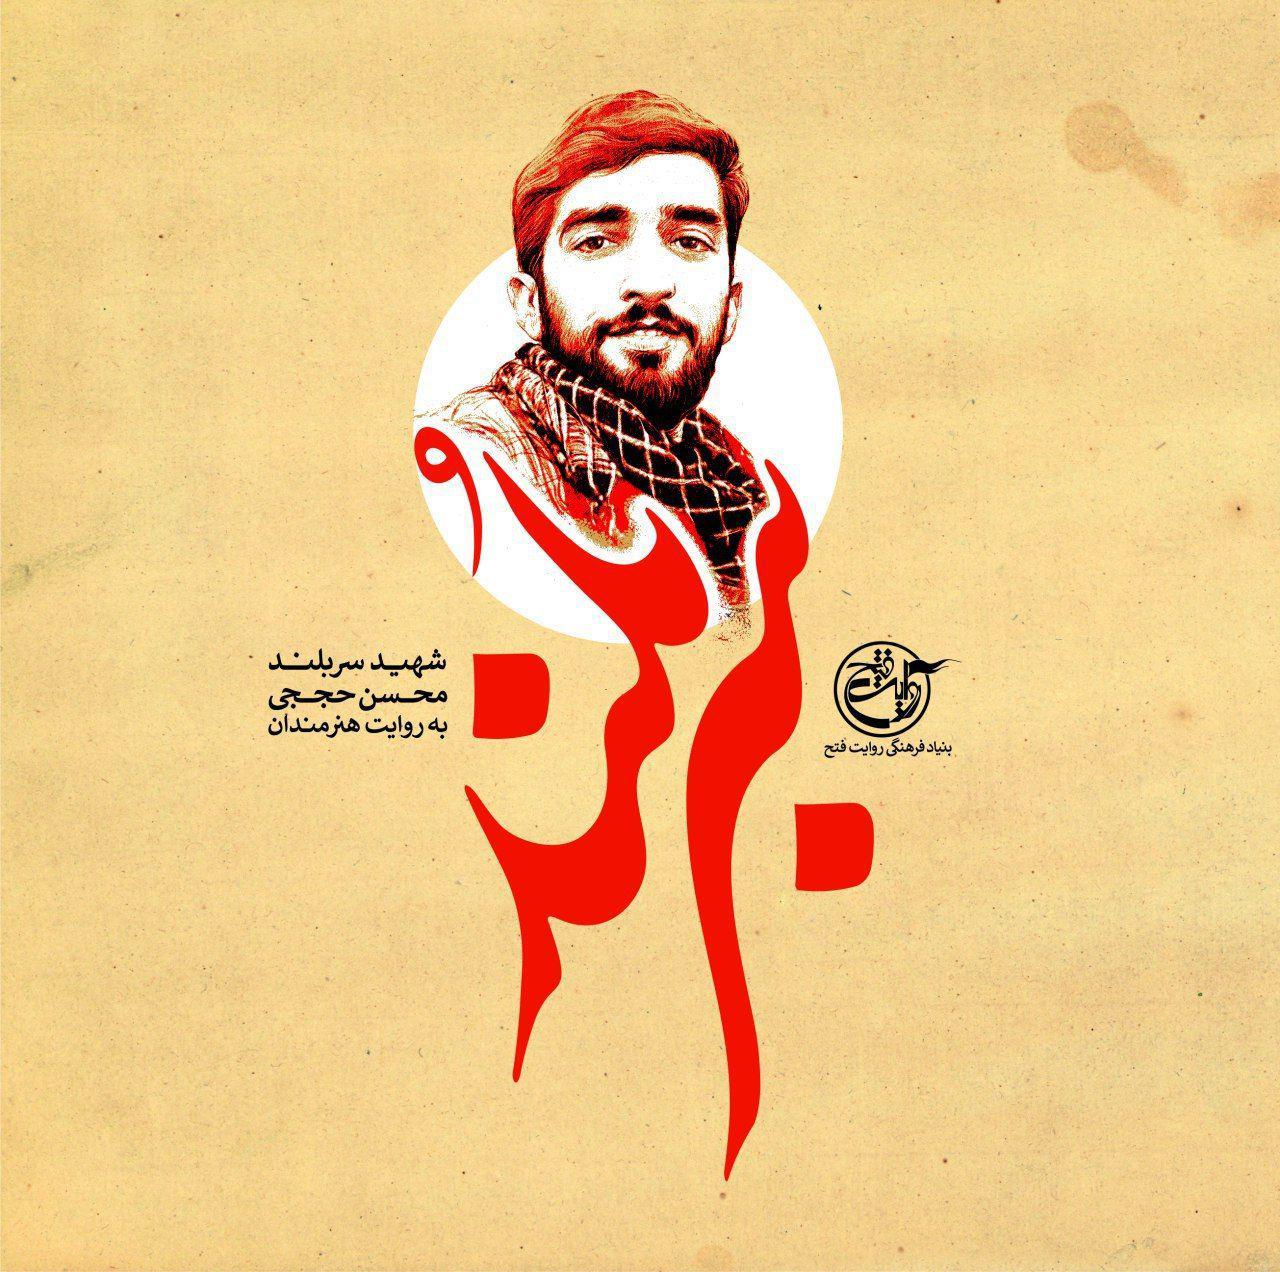 تجلیل از خانواده شهید محسن حججی در جشنواره هنر مقاومت